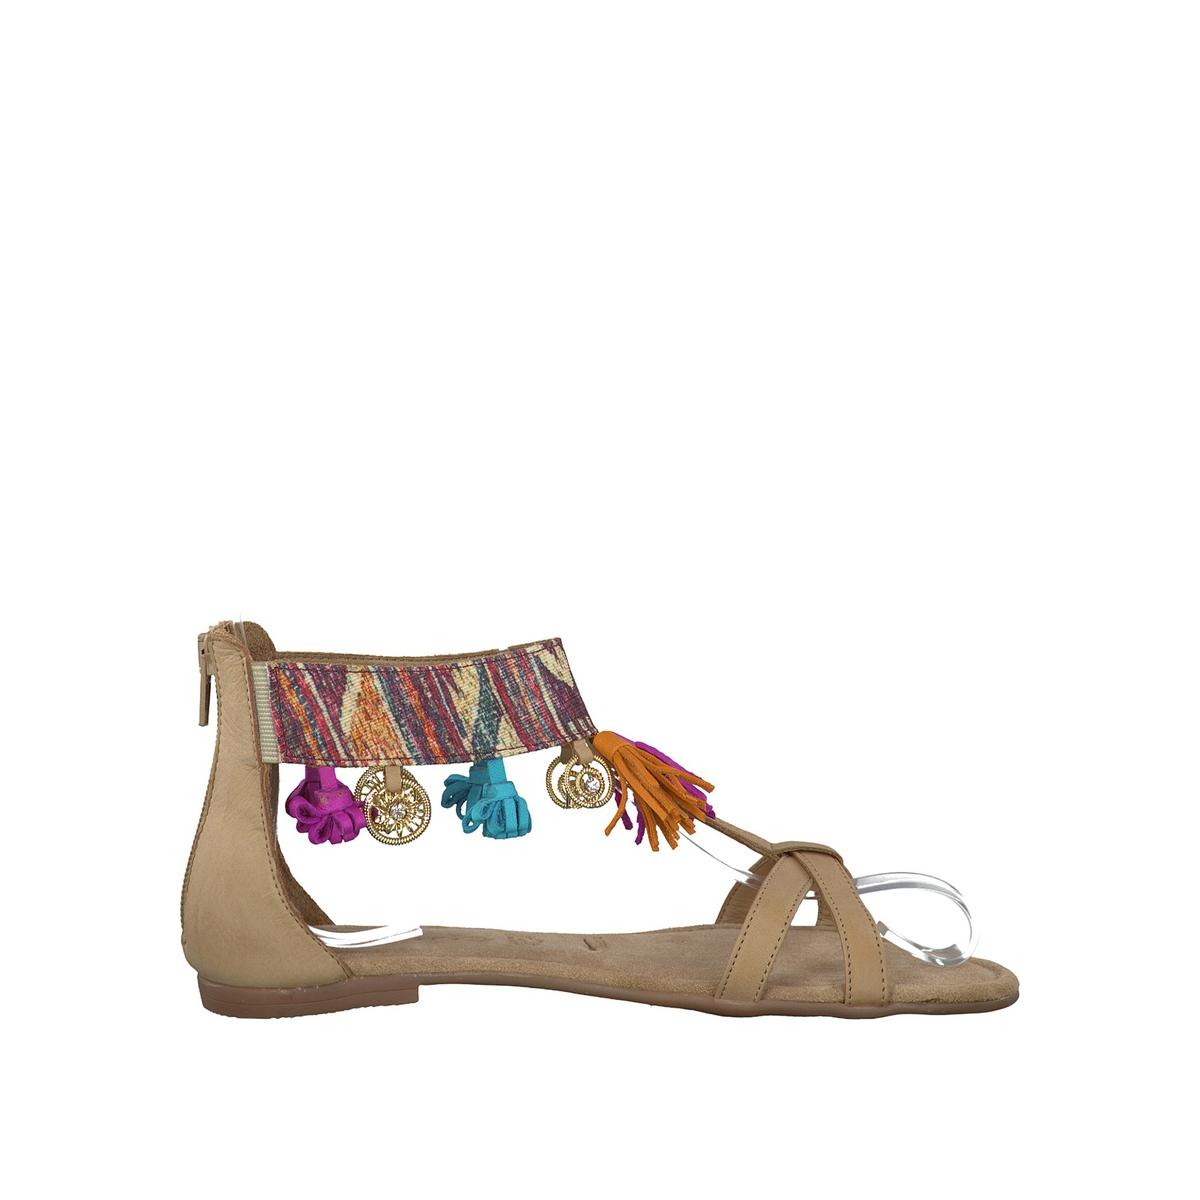 Сандалии кожаные 28100-28Верх/Голенище : кожа и текстиль  Подкладка : кожа  Стелька : кожа  Подошва : синтетика   Форма каблука : плоский каблук  Мысок : закругленный мысок  Застежка : молния<br><br>Цвет: бежевый<br>Размер: 39